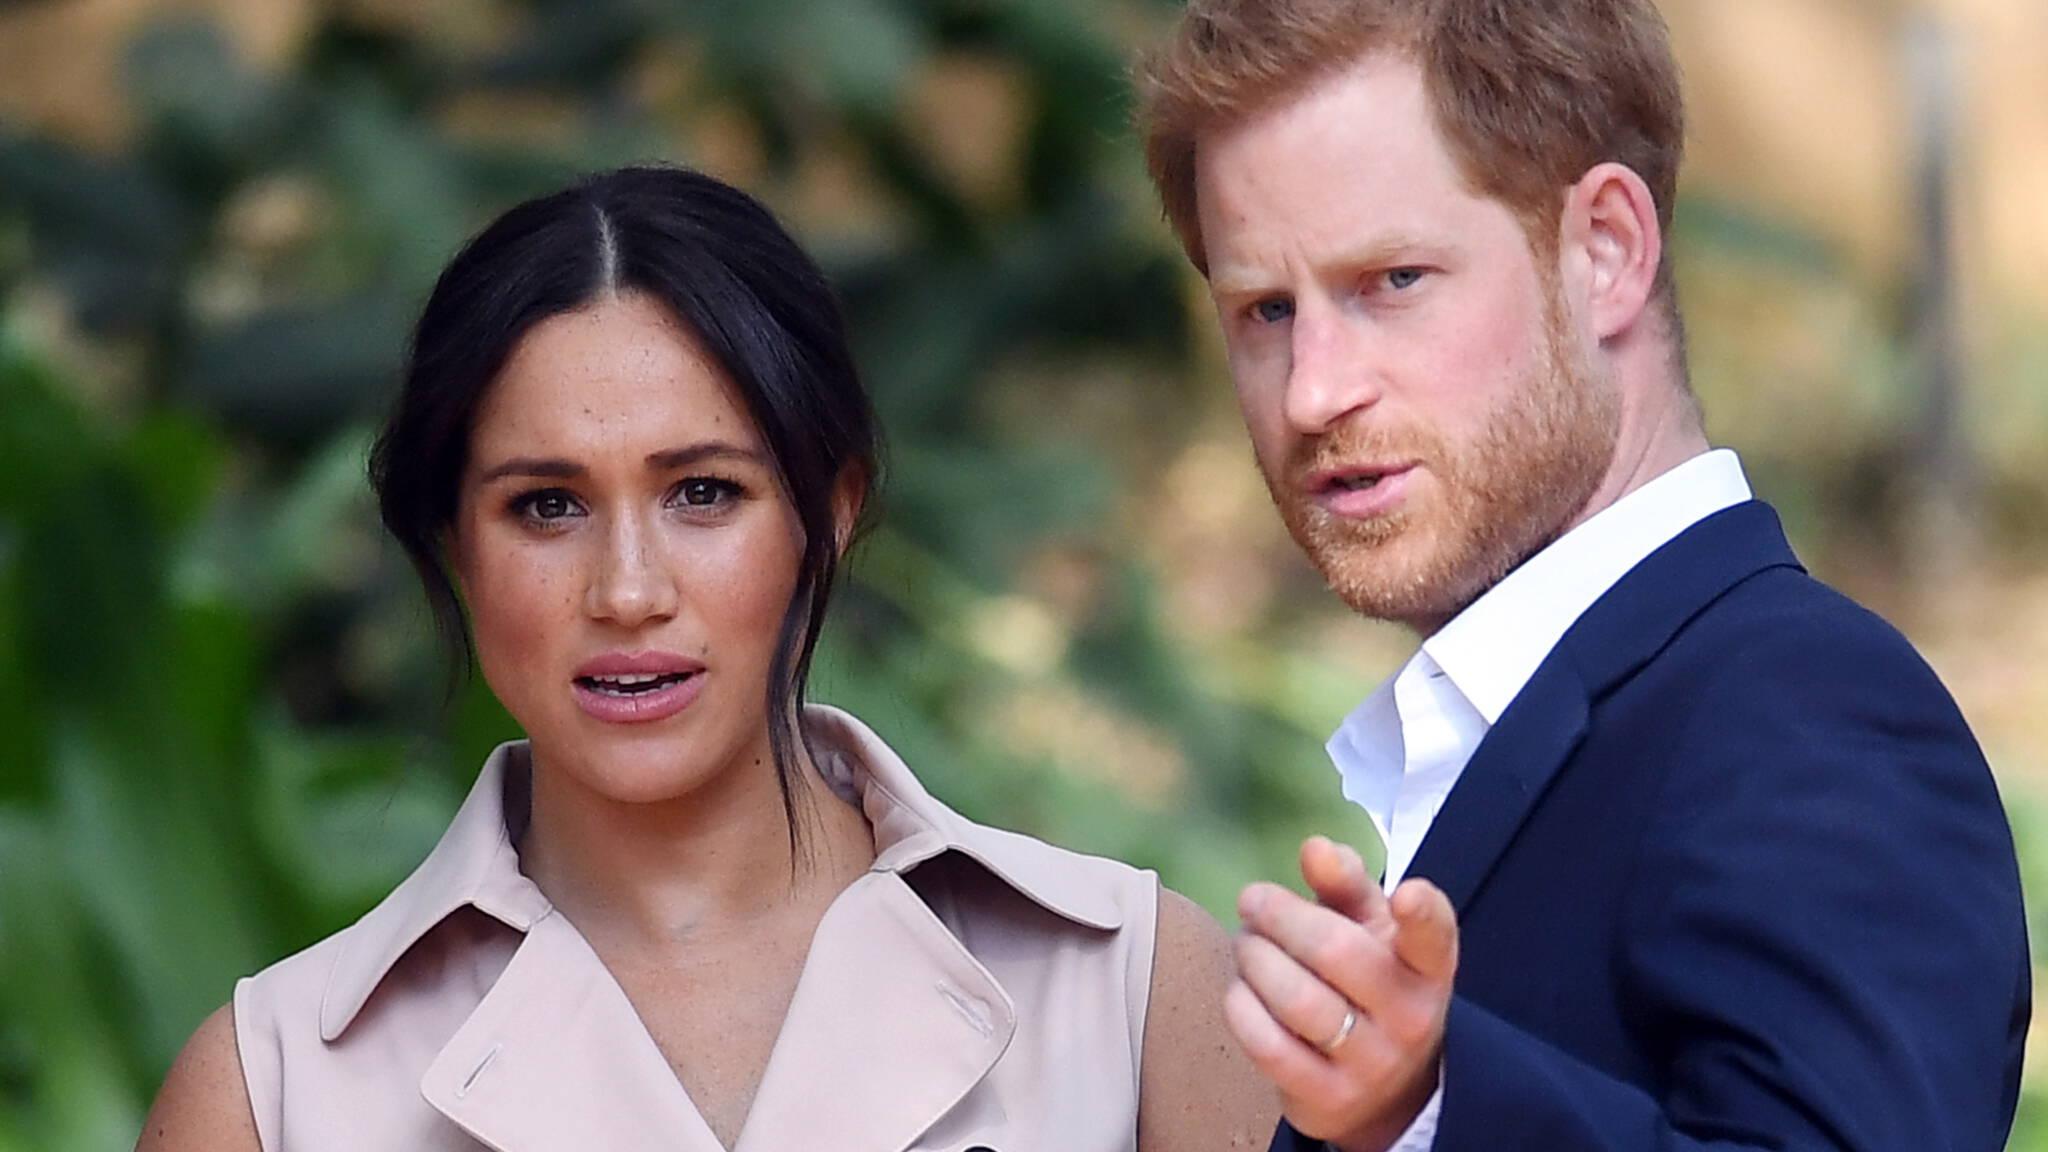 Принц Гарри и Меган Маркл пока не нашли идеальное место жительства – королевский эксперт